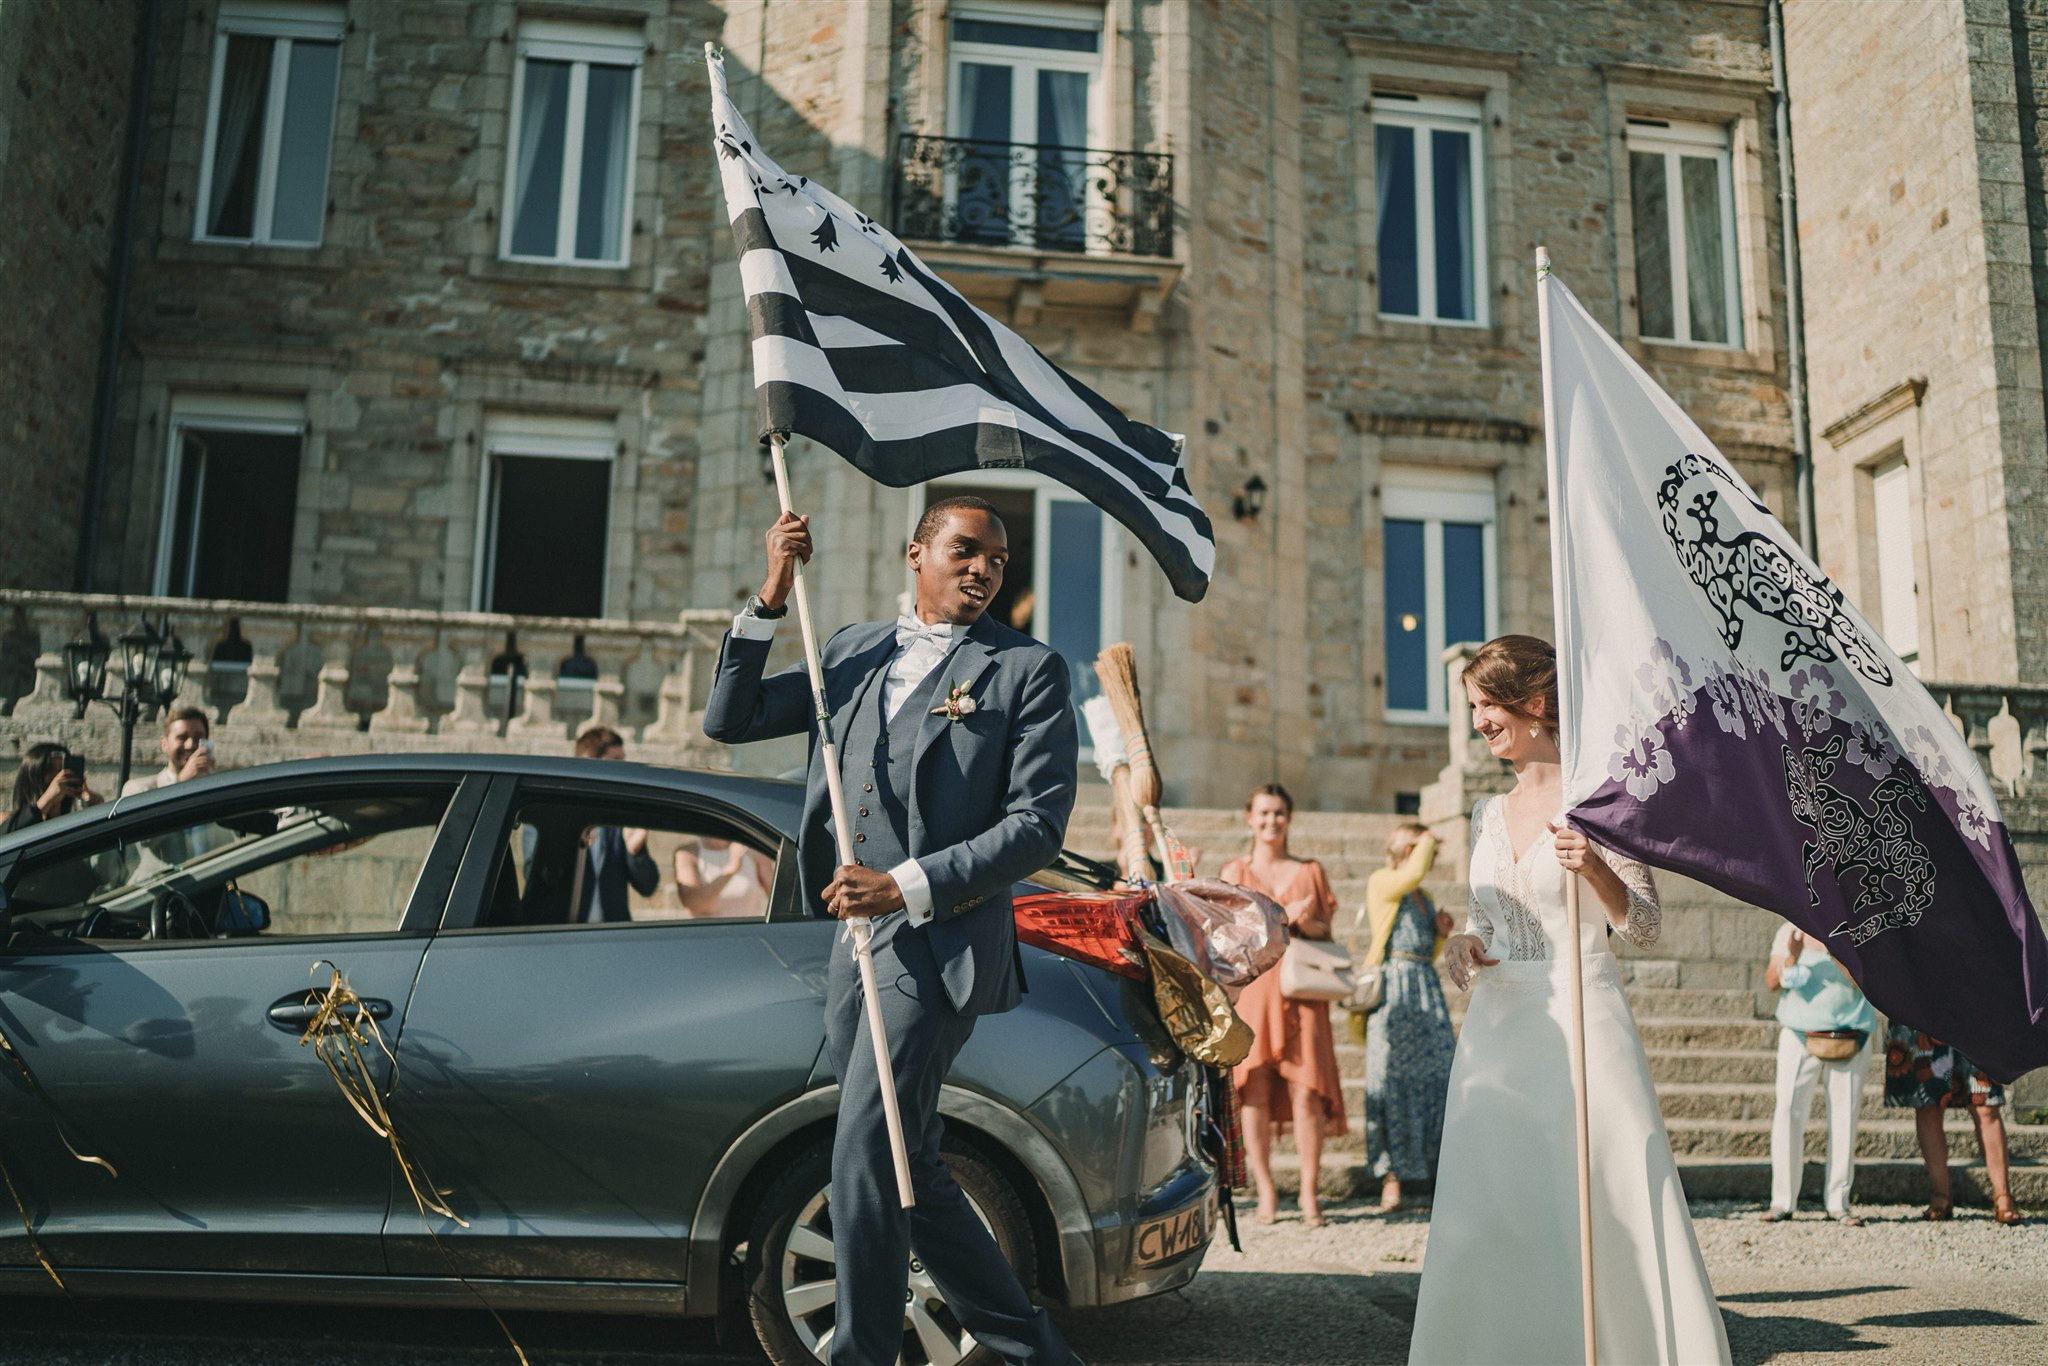 Elsa Yannick Photo De Mariage Au Manoir De Kerhuel À Plounéour Lanvern 20septembre12A7303010 Www.antoineborzeix.fr , Photographe & Videaste à Brest / Finistère